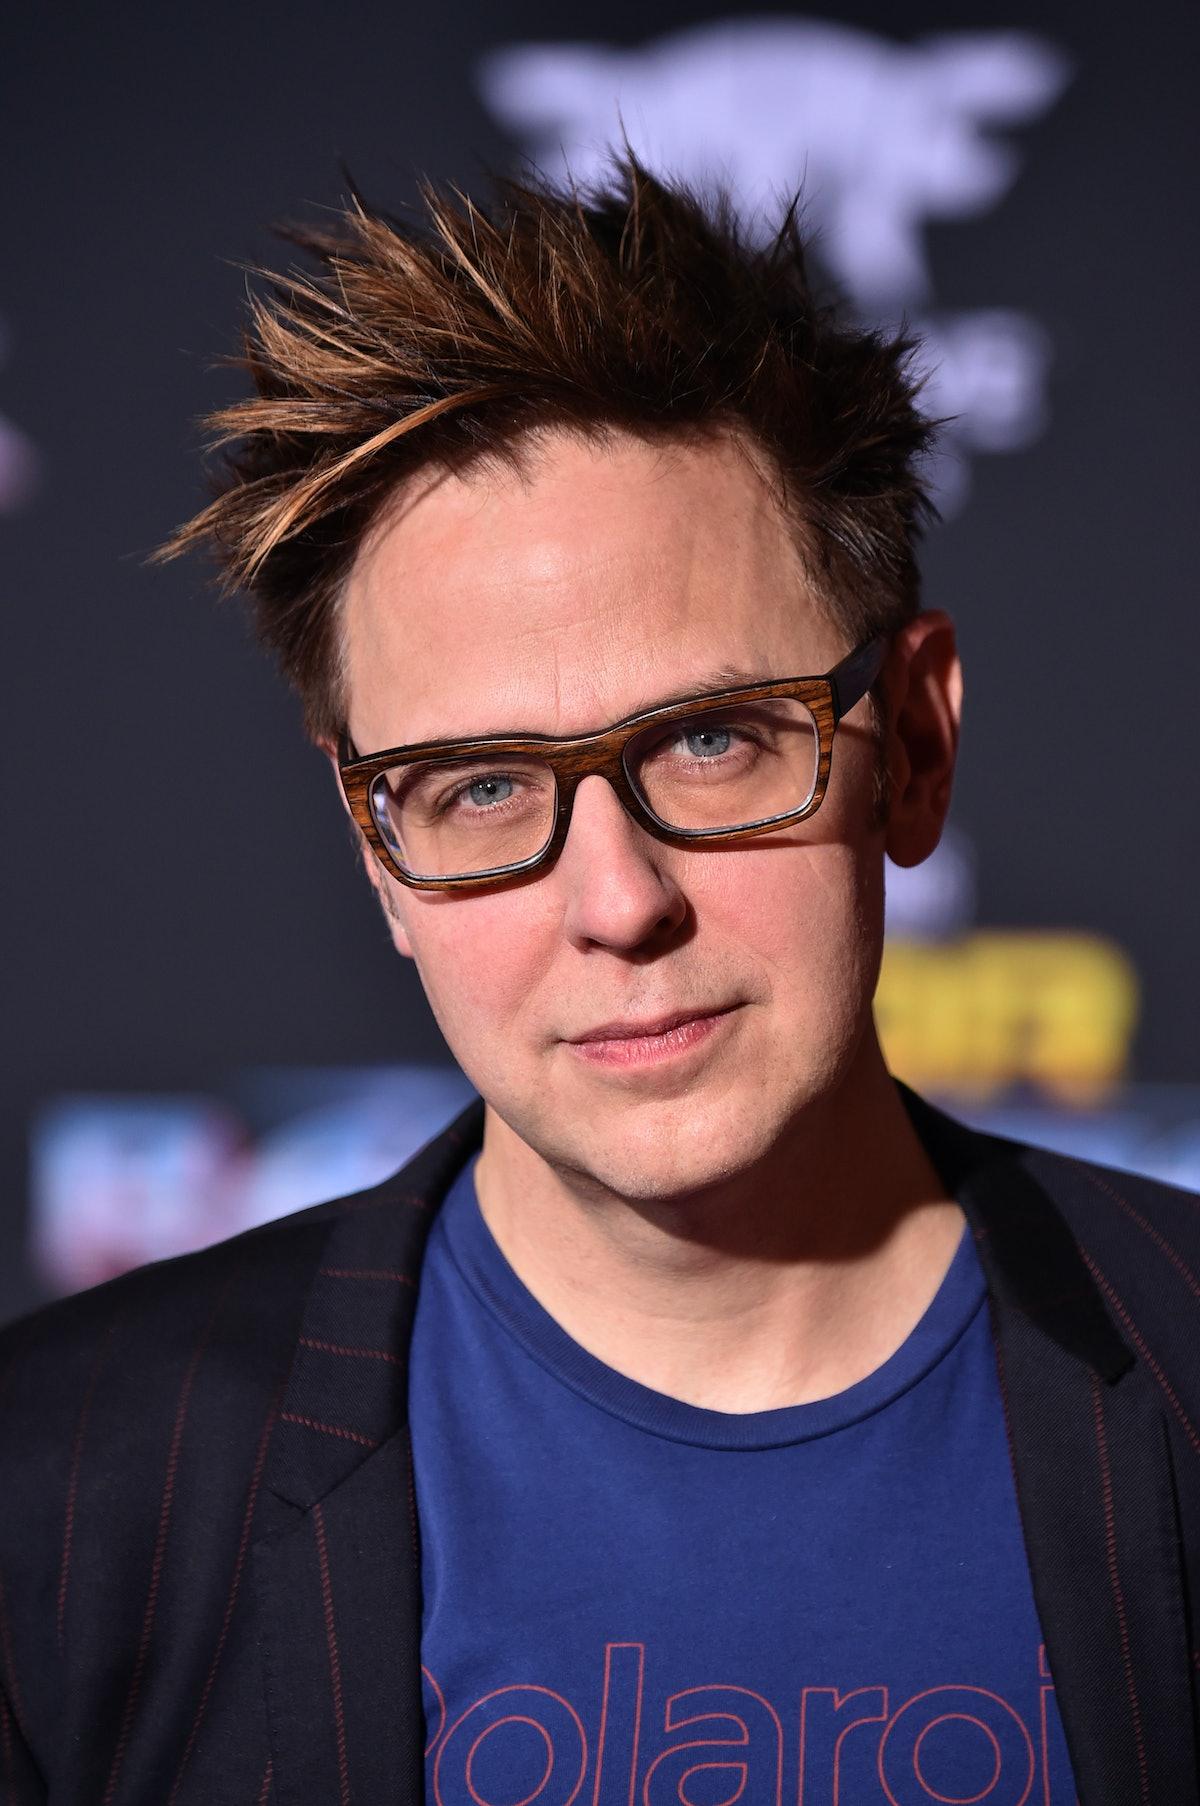 James Gunn Update: James Gunn Has Been Fired From 'Guardians Of The Galaxy